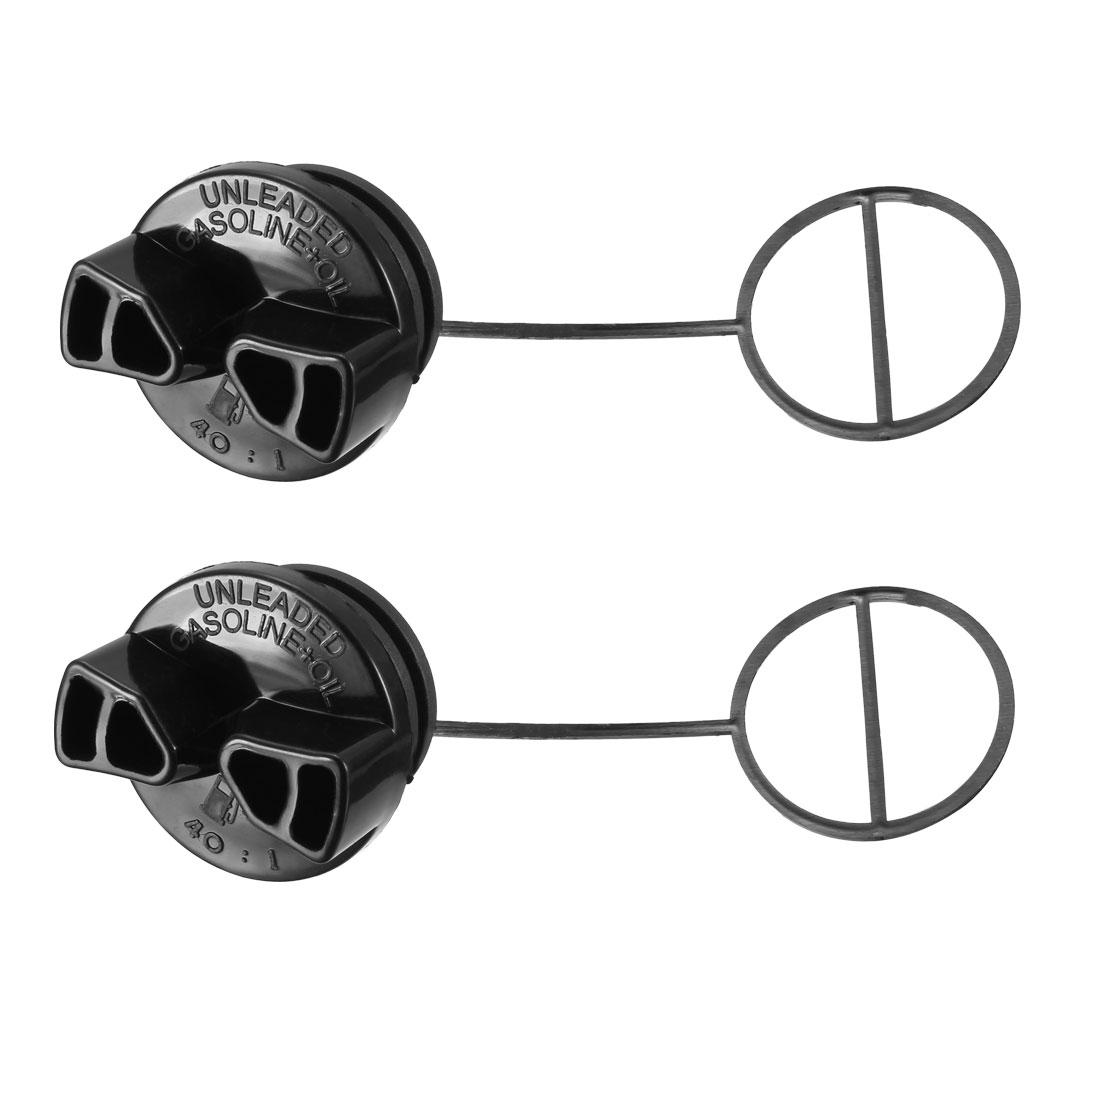 952044640 Oil Gas Fuel Cap Fit for Poulan Predator Chainsaw etc 2pcs